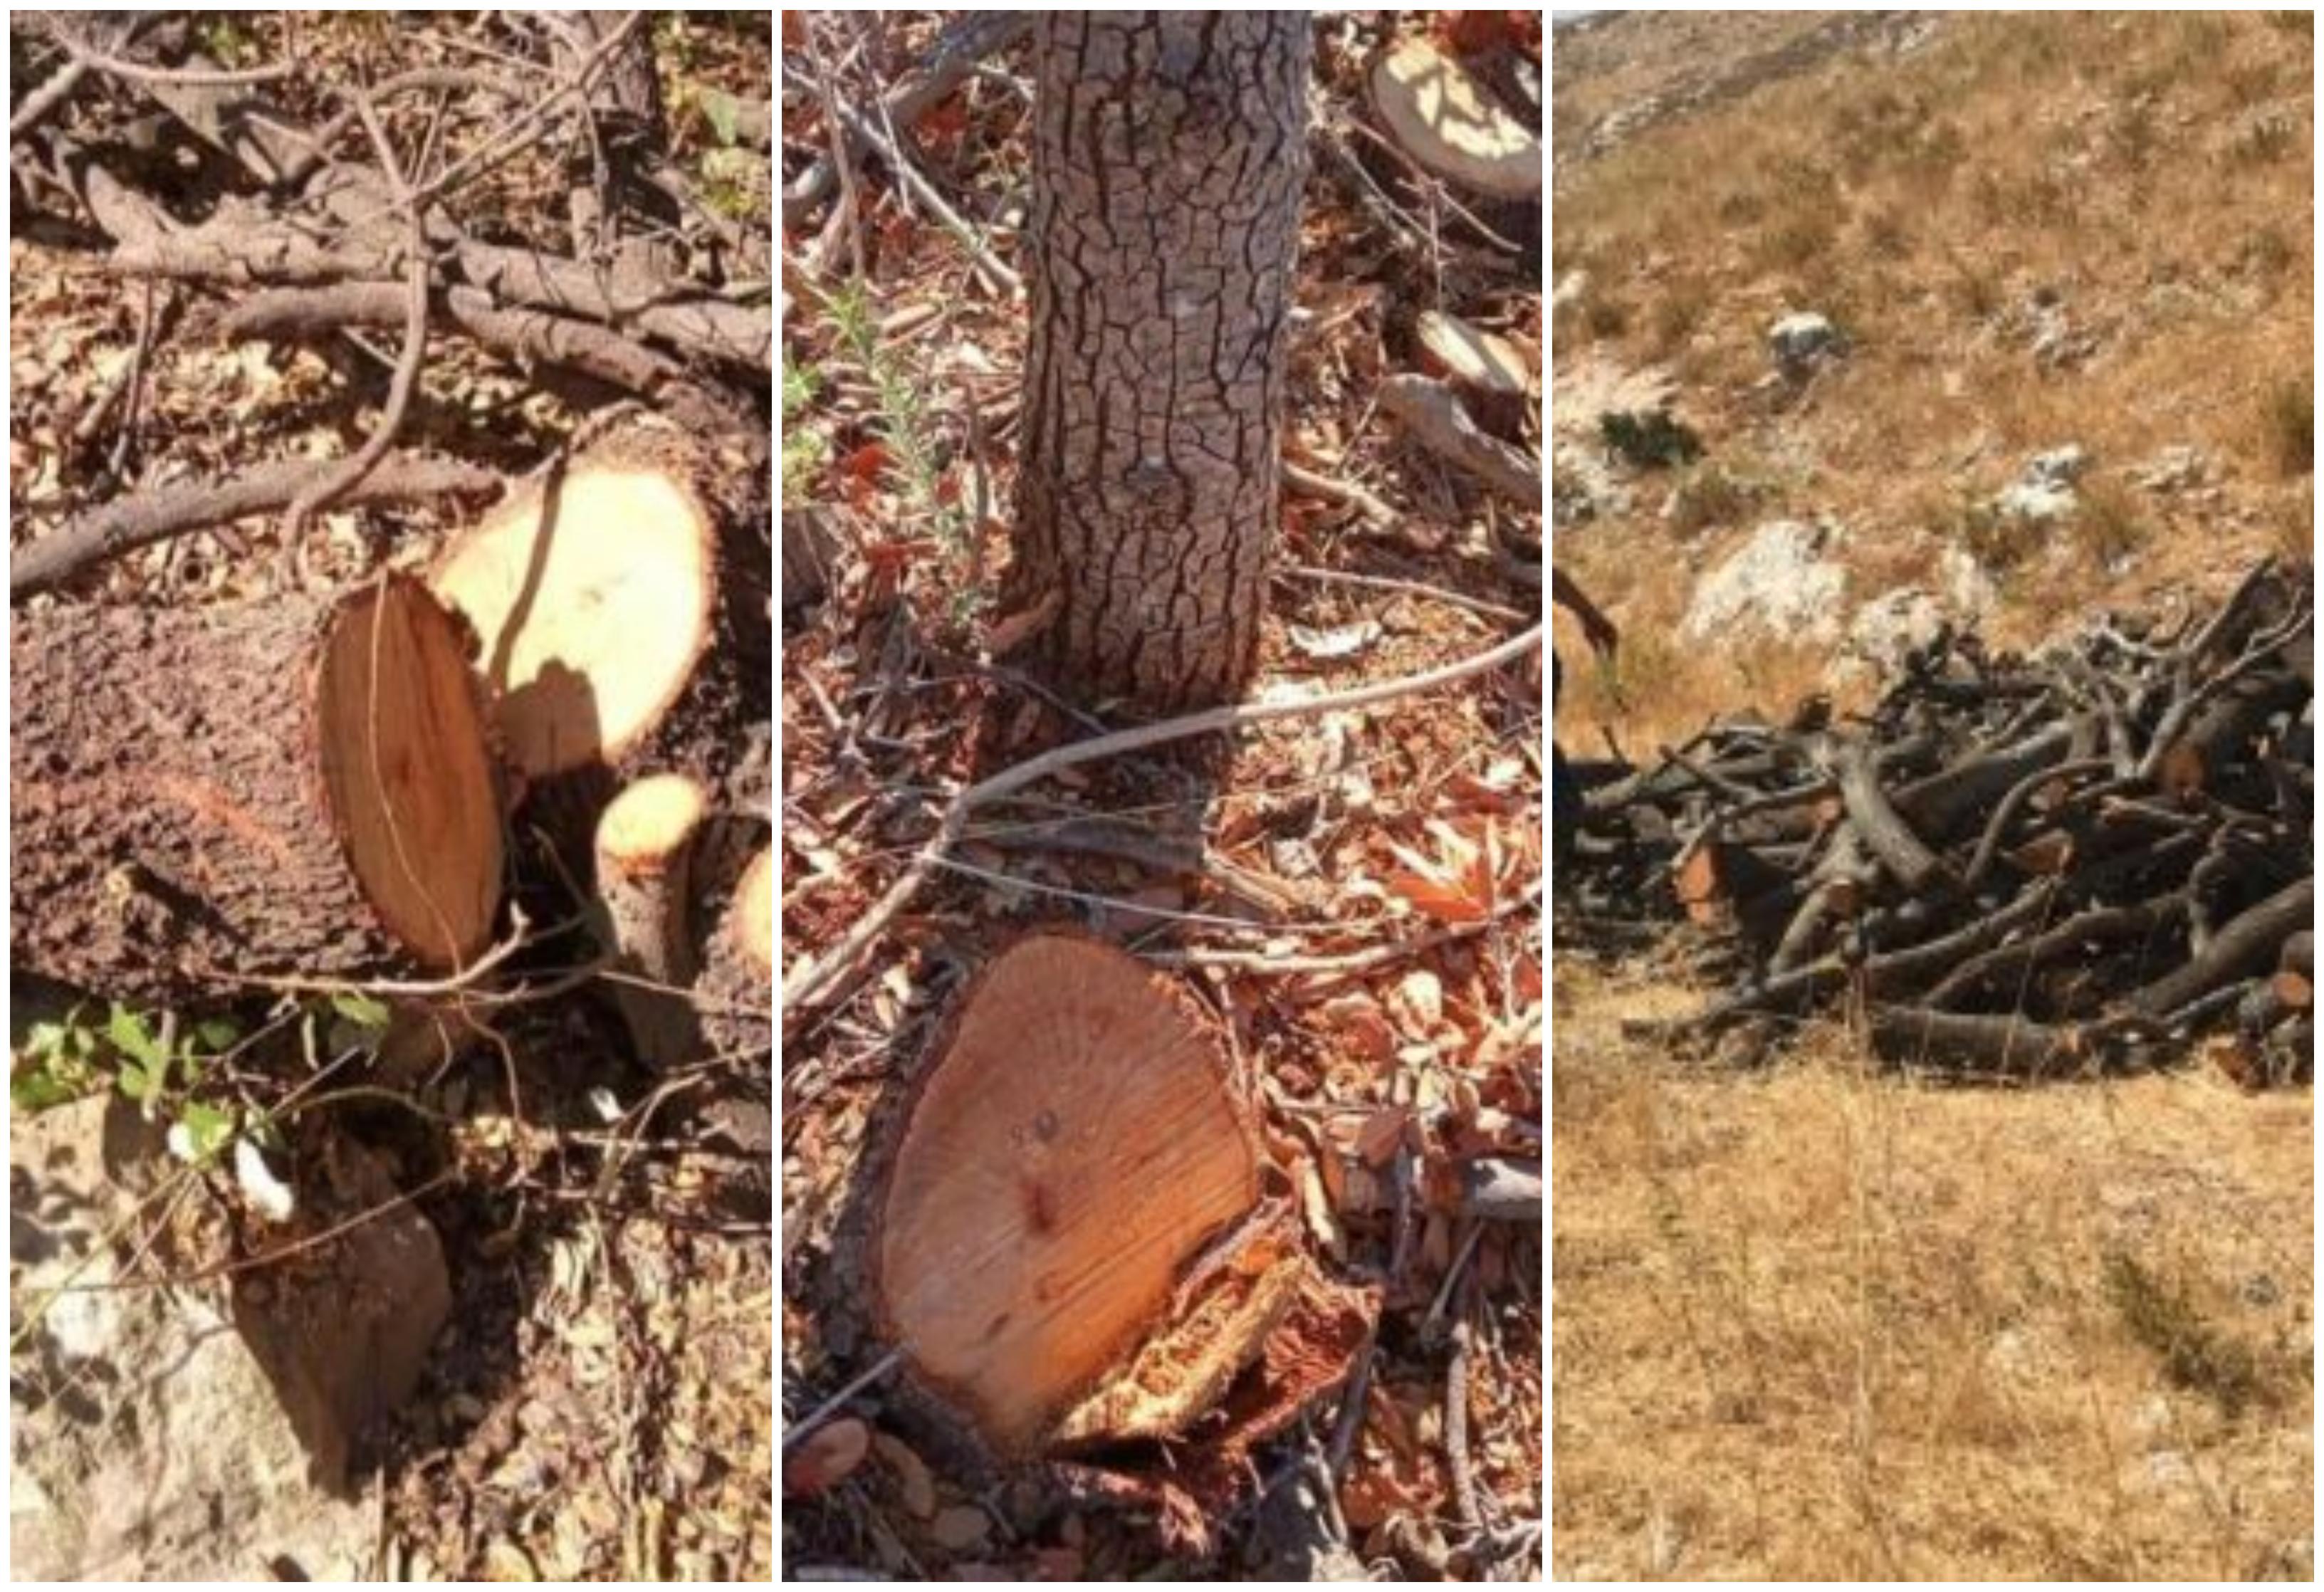 بالصور/ مجزرة بيئية بحق أشجار سنديان معمرة في قضاء راشيا...متعهد استغفل وزارة الزراعة وأباد 800 شجرة تتراوح أعمارها بين 60 و 100 سنة